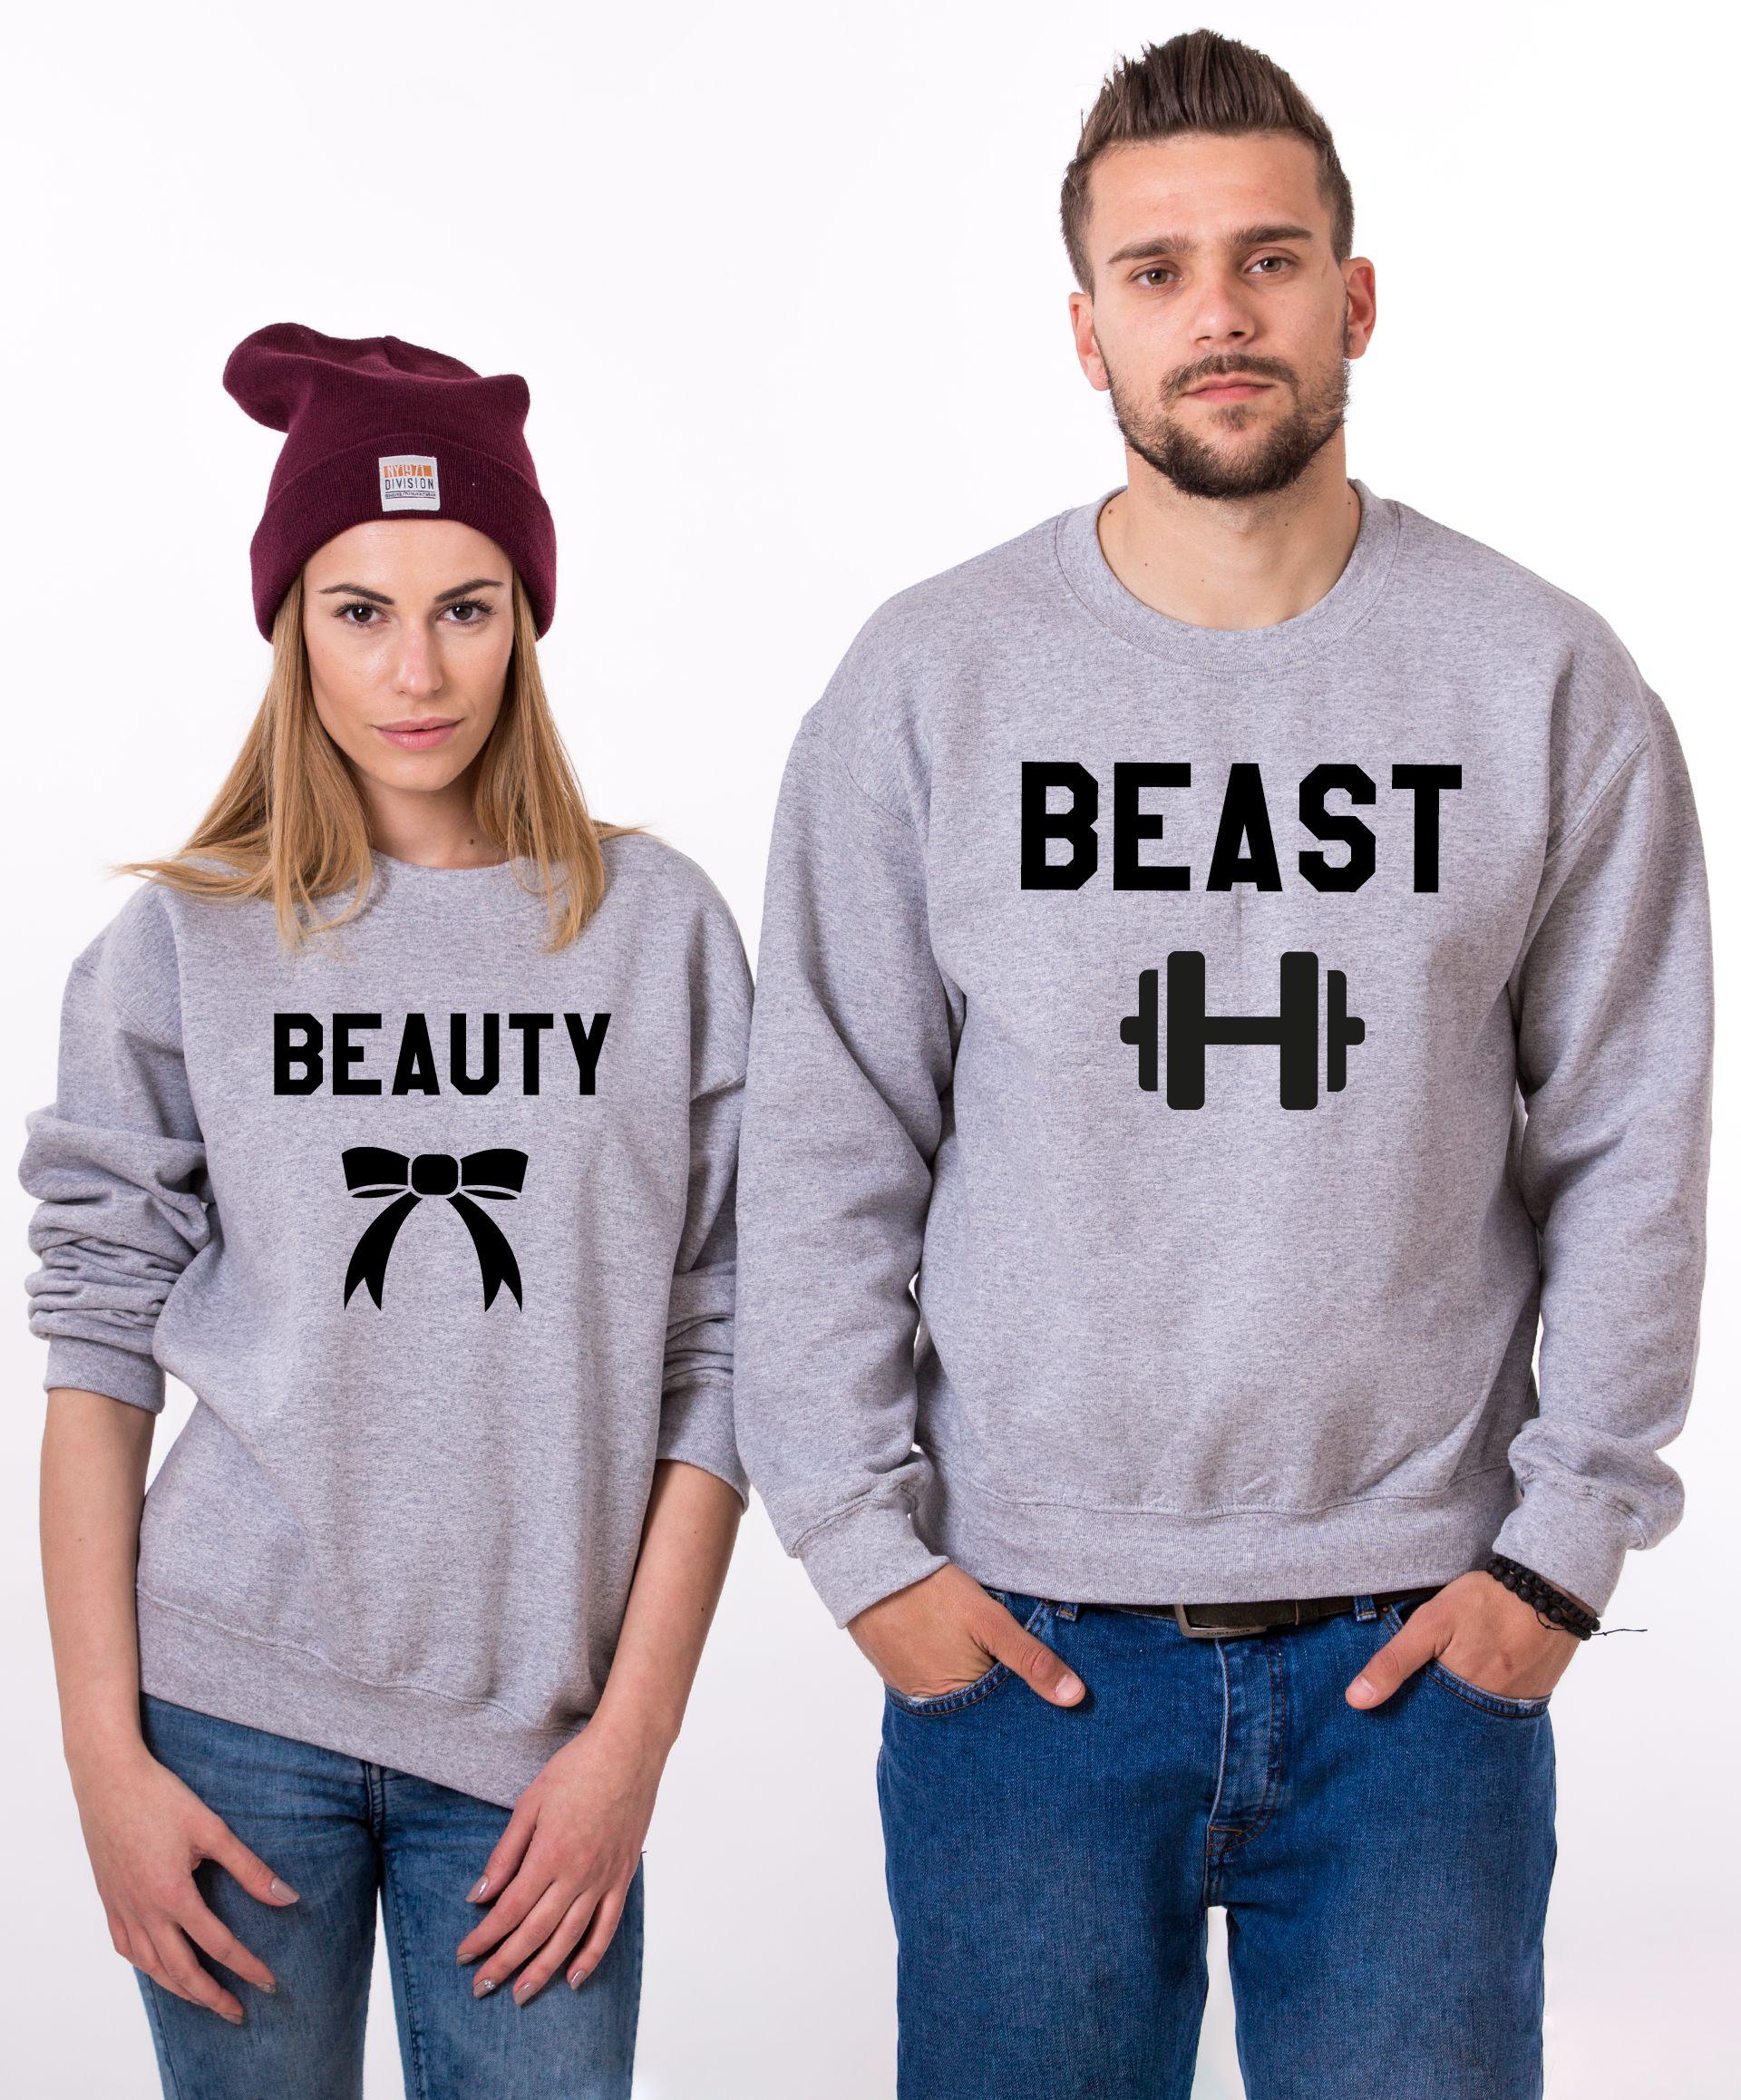 Beauty Sweatshirt Beast Sweatshirt Couples Sweatshirts